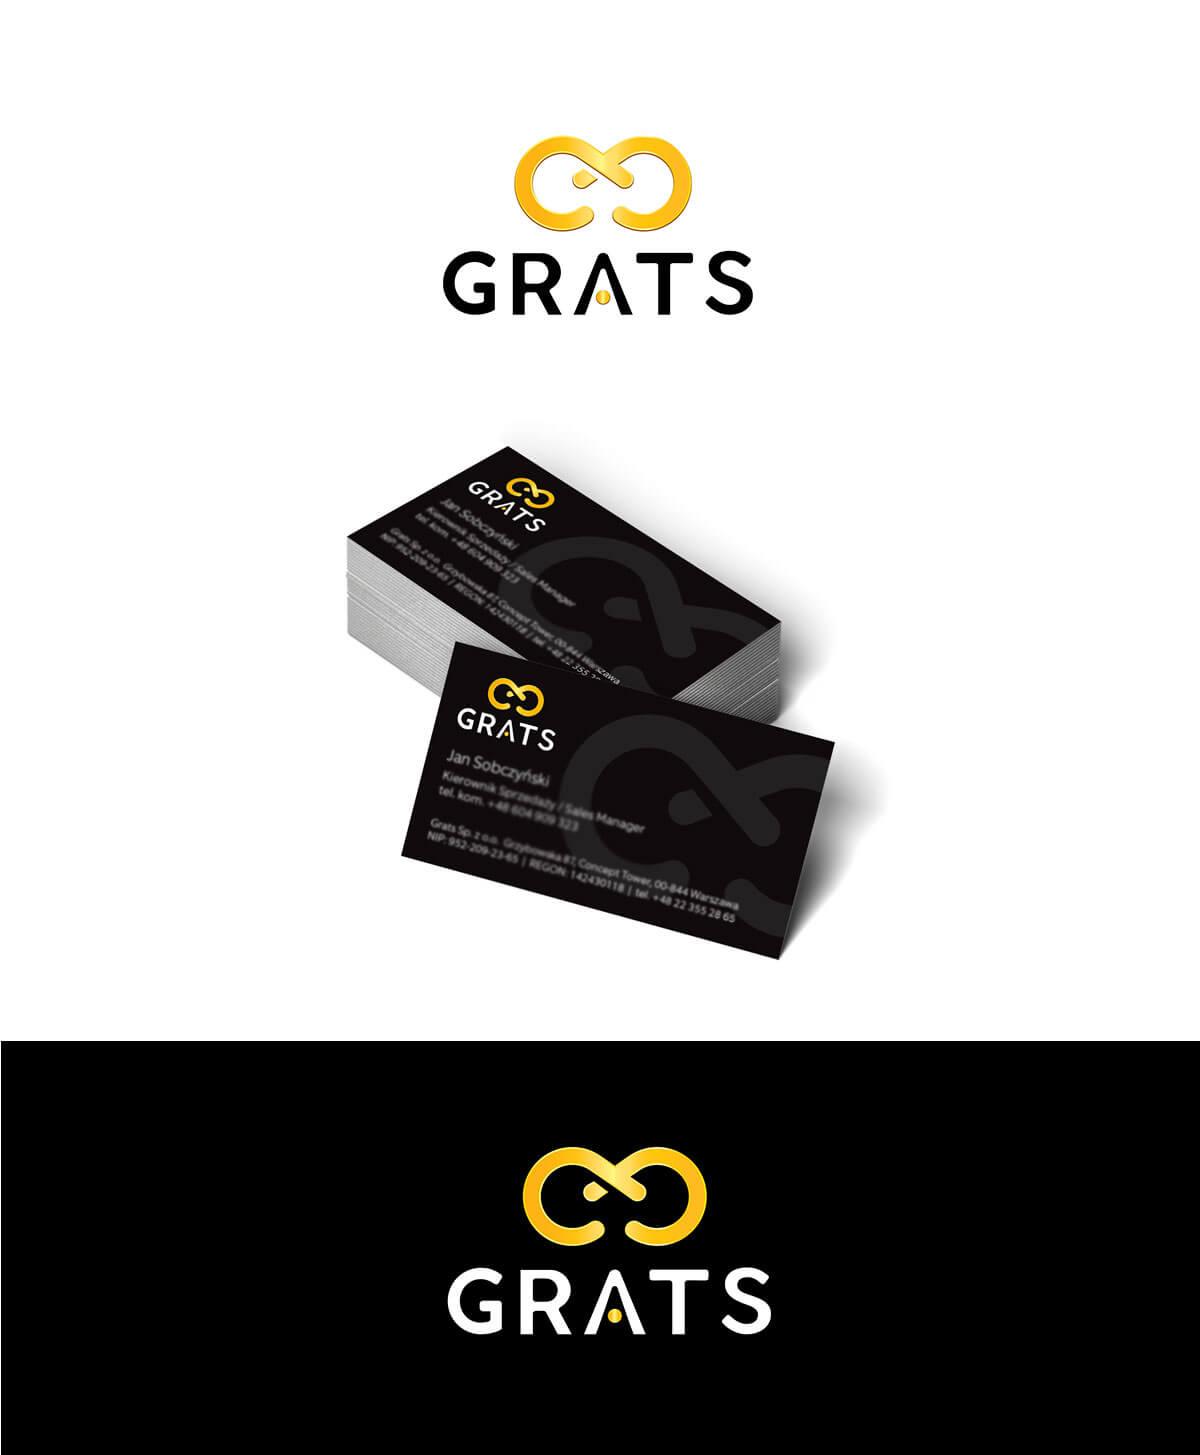 projekt logo dla firmy grats